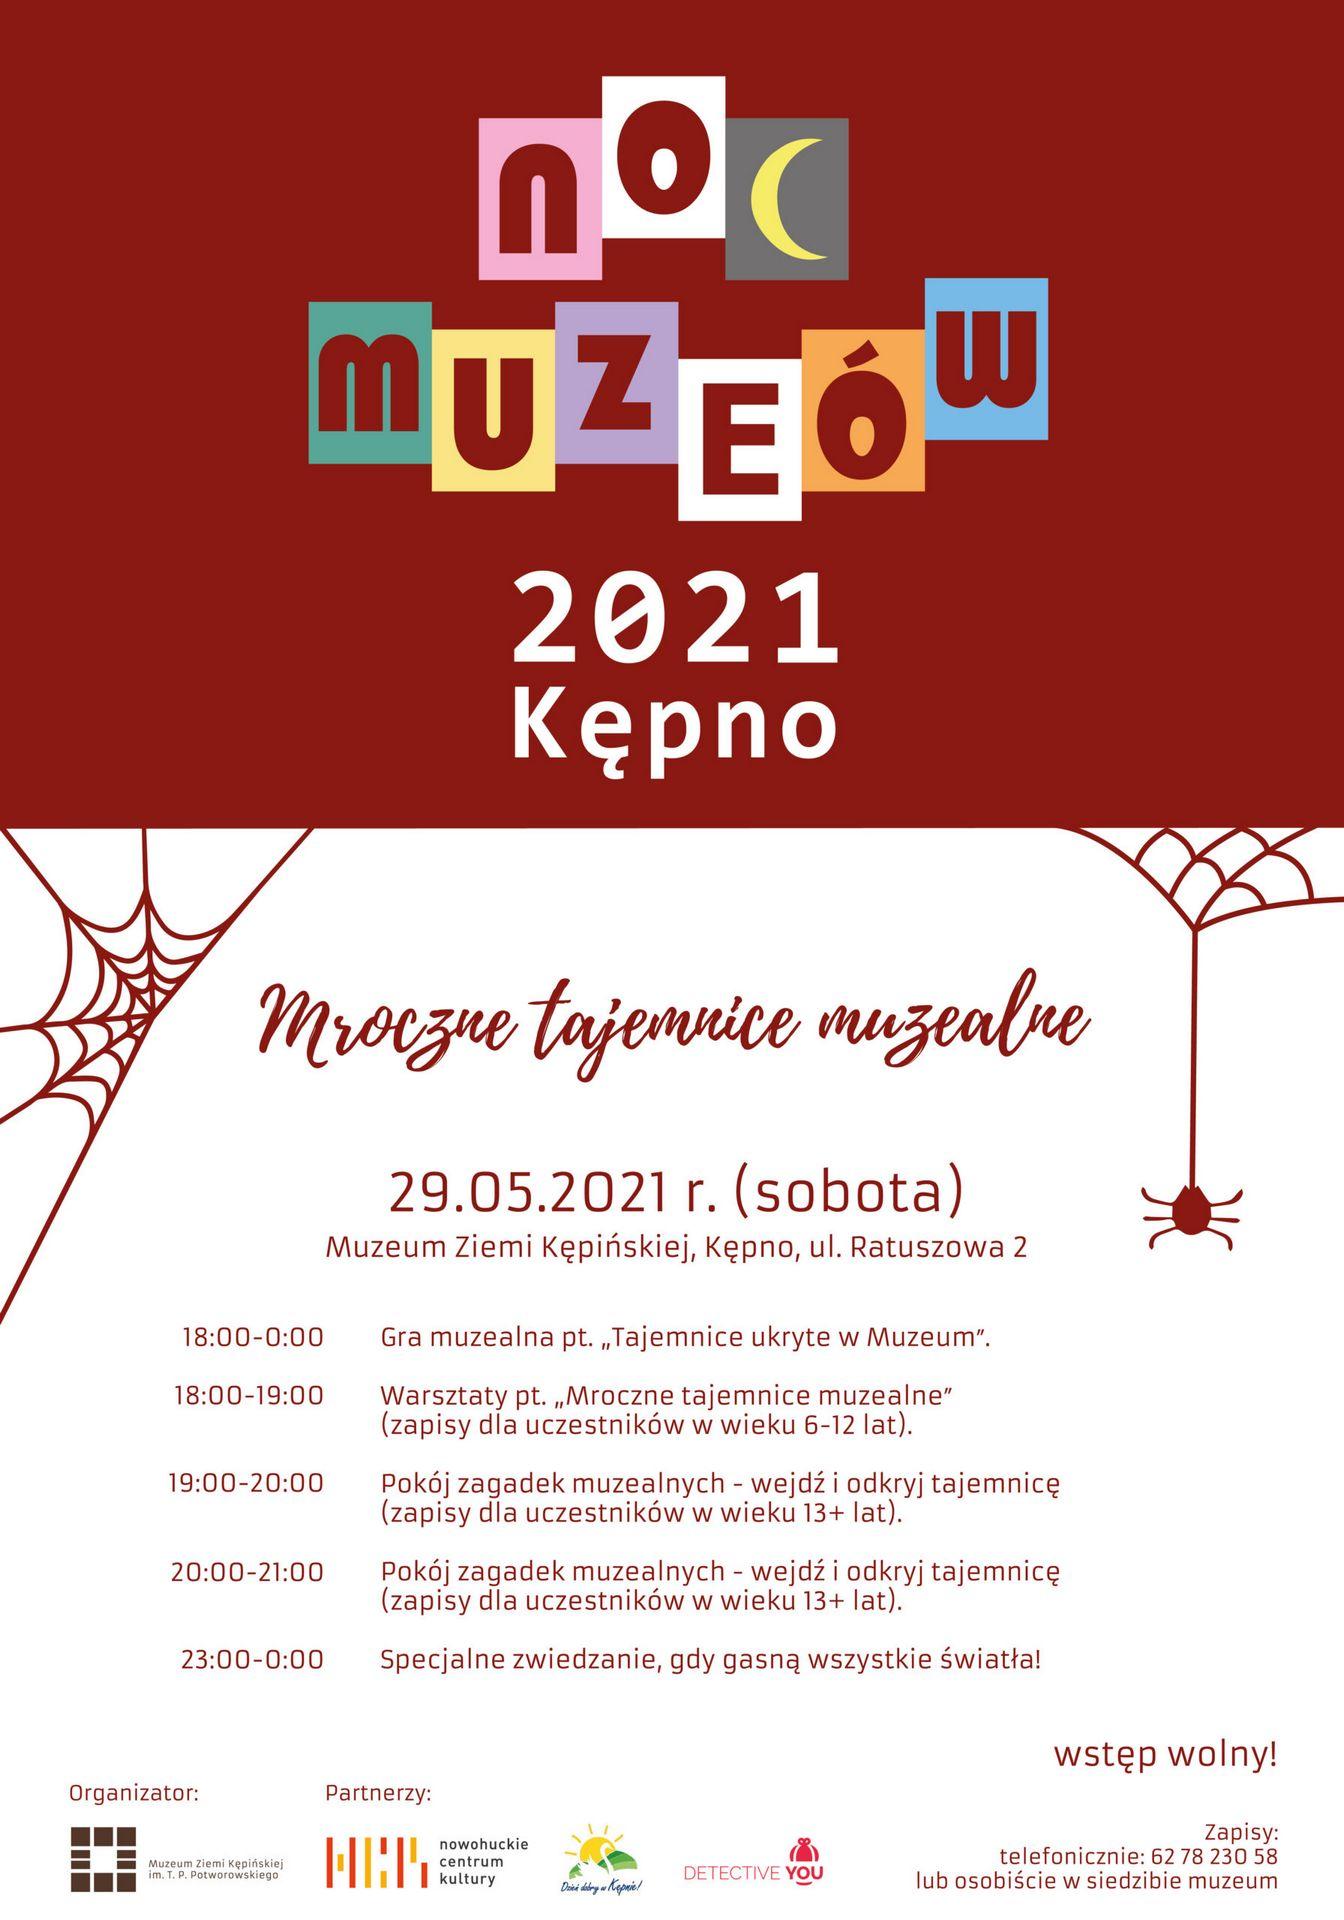 Plakat na Noc Muzeów 2021 Kępno pod hasłem Mroczne tajemnice muzealne 29 maja 2021 r. w sobotę